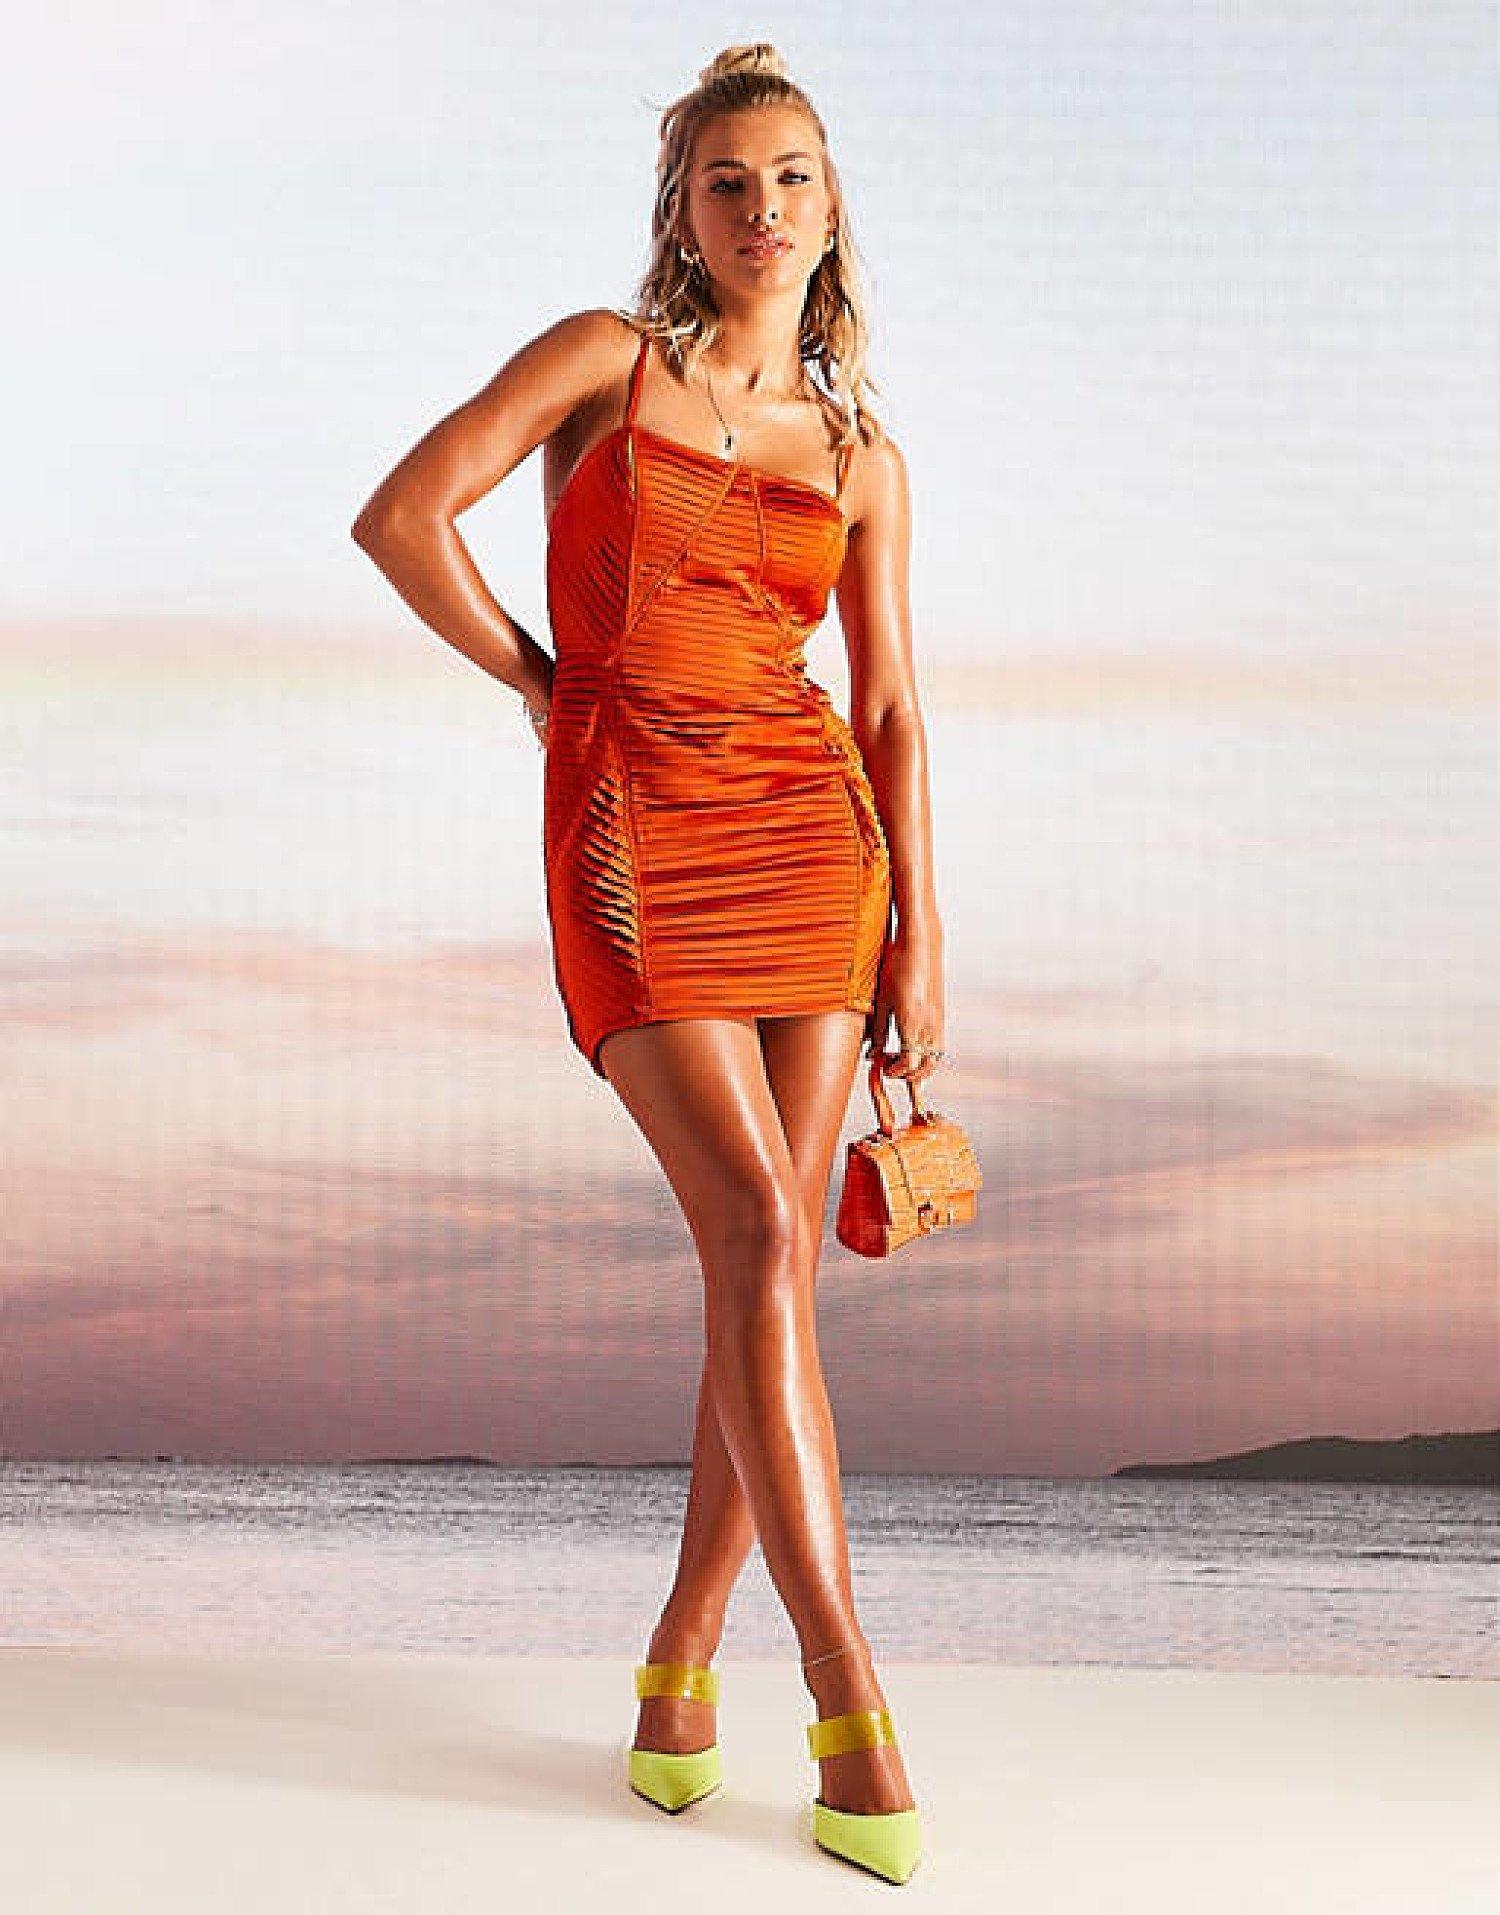 ASOS DESIGN Premium satin pleated mini dress in orange current price - £55.00